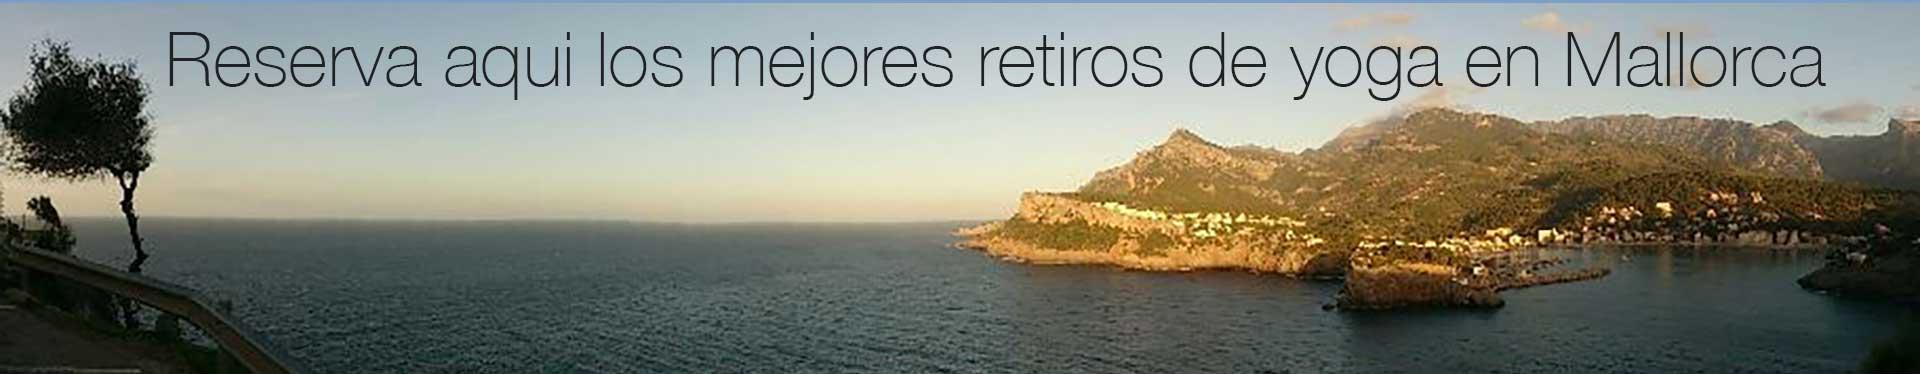 reserva retiros de yoga en Mallorca aqui